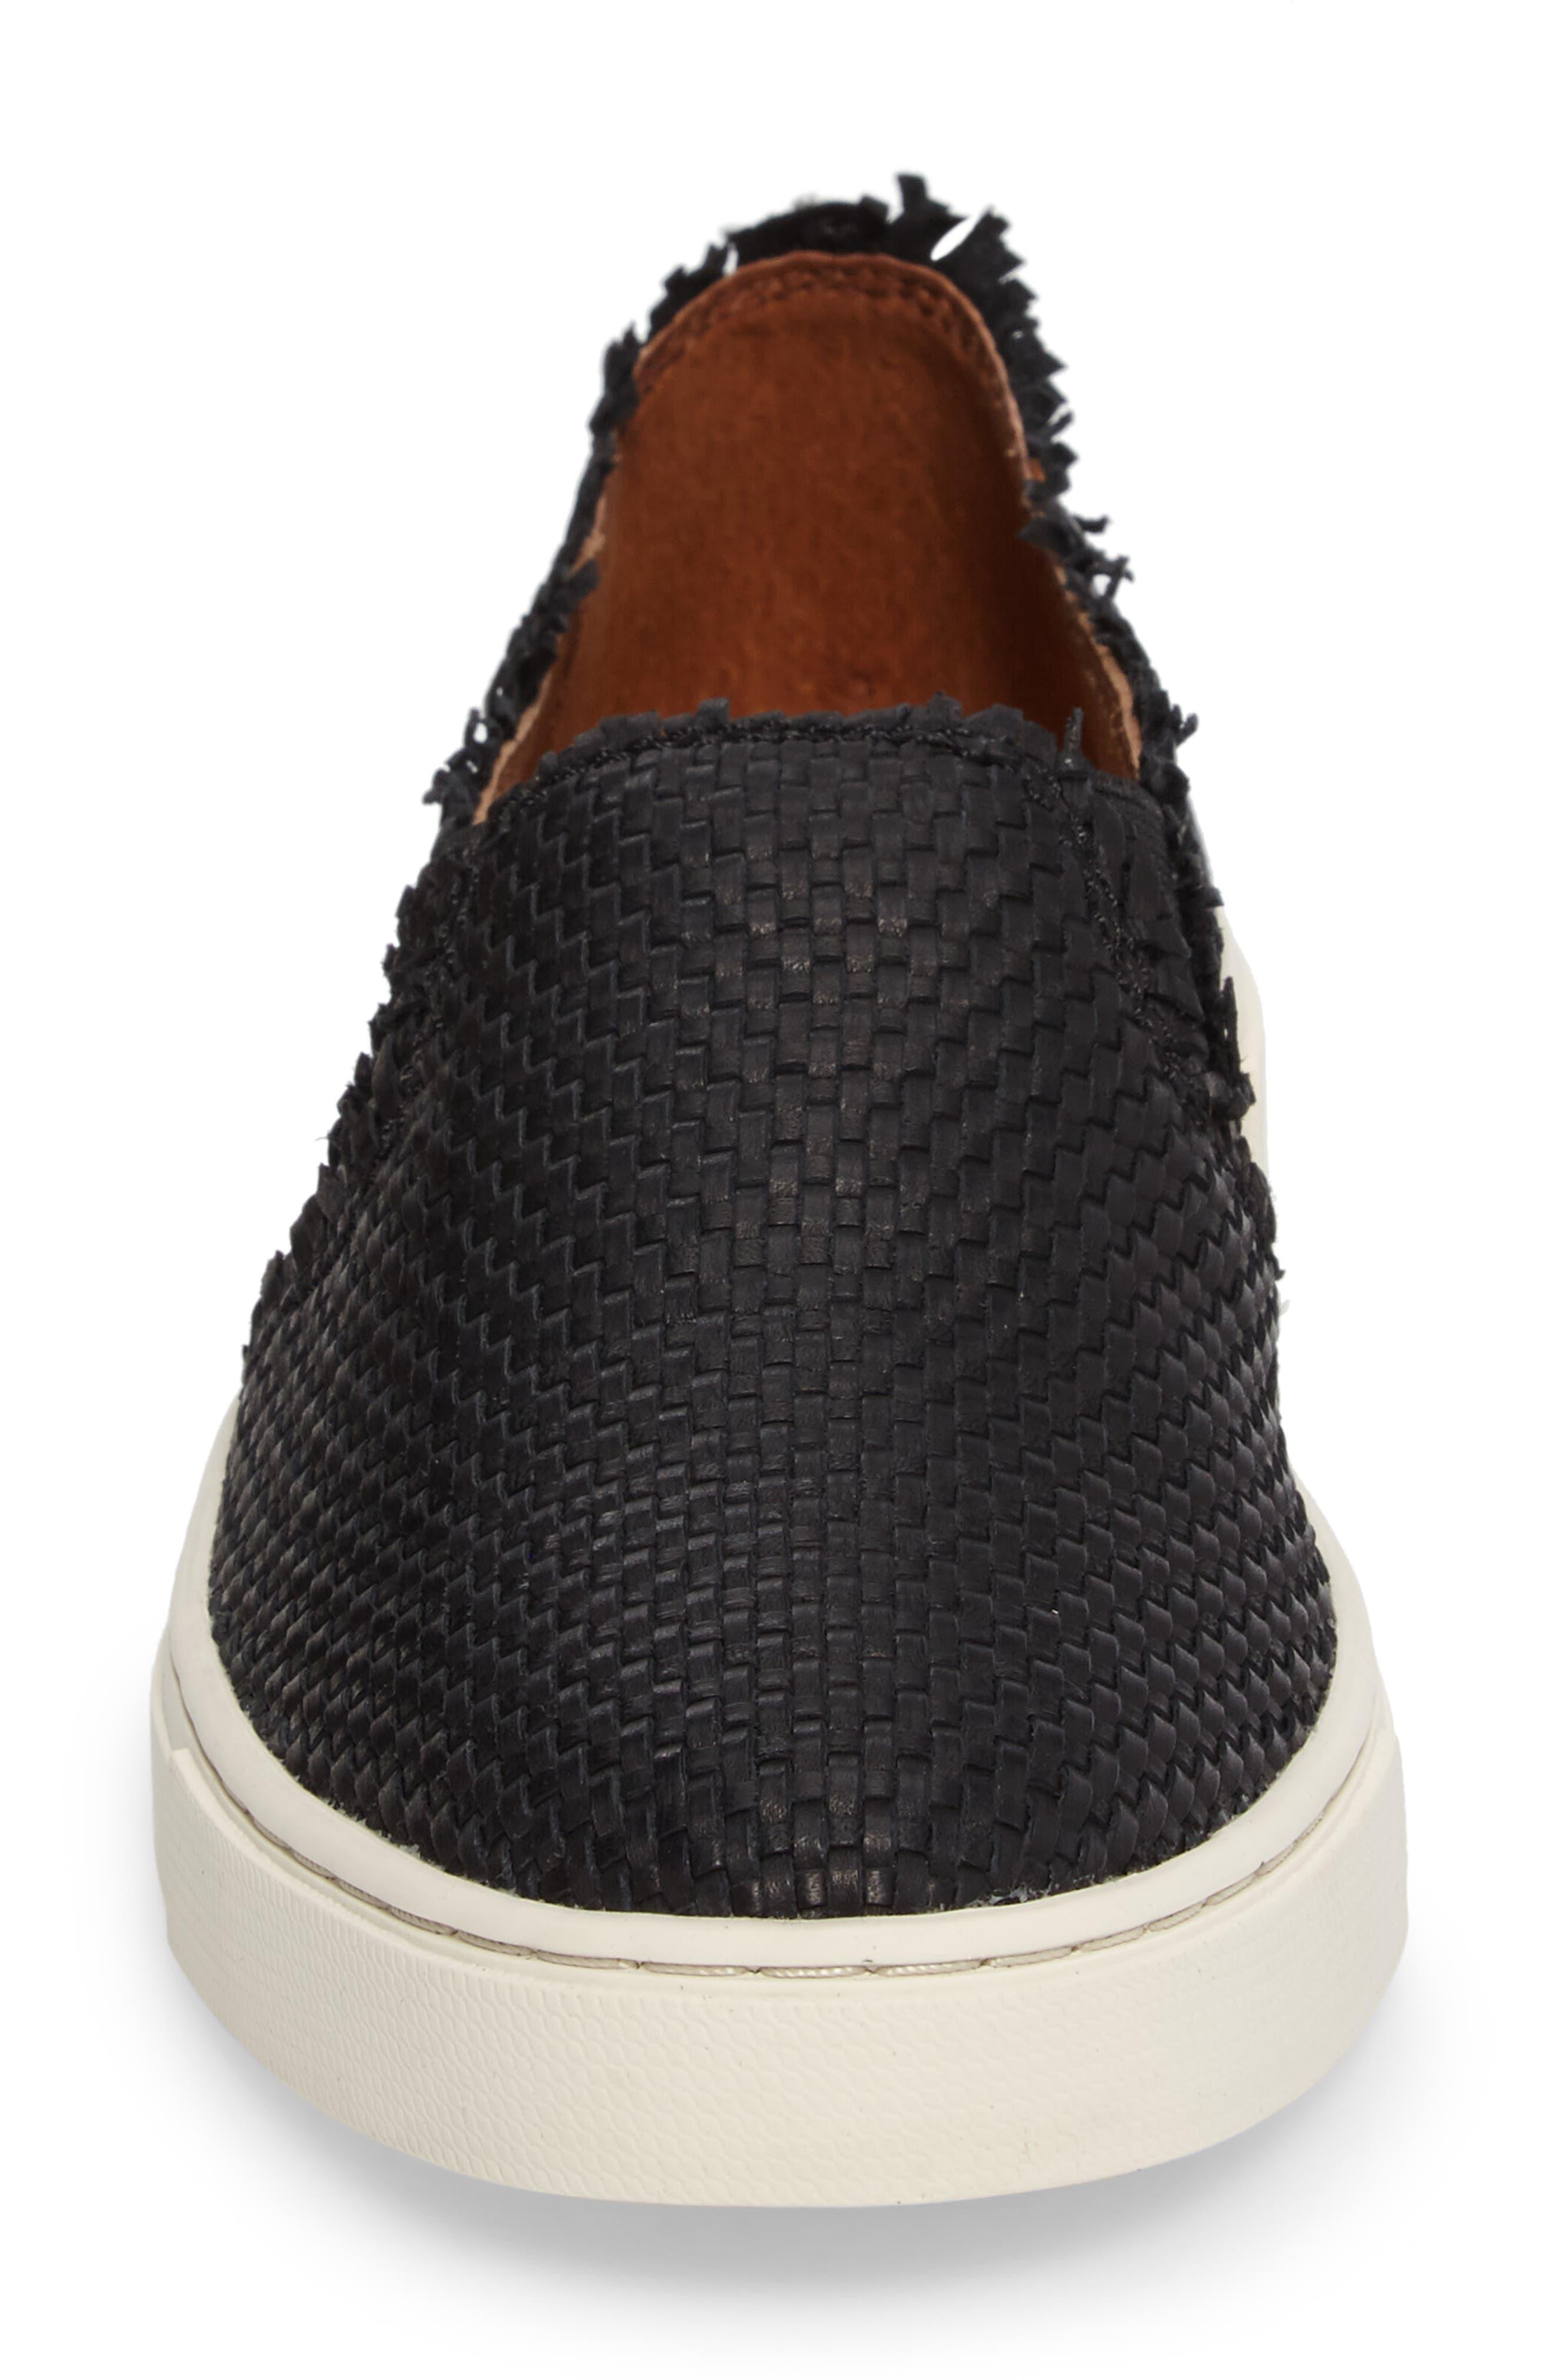 Ivy Fray Woven Slip-On Sneaker,                             Alternate thumbnail 4, color,                             001